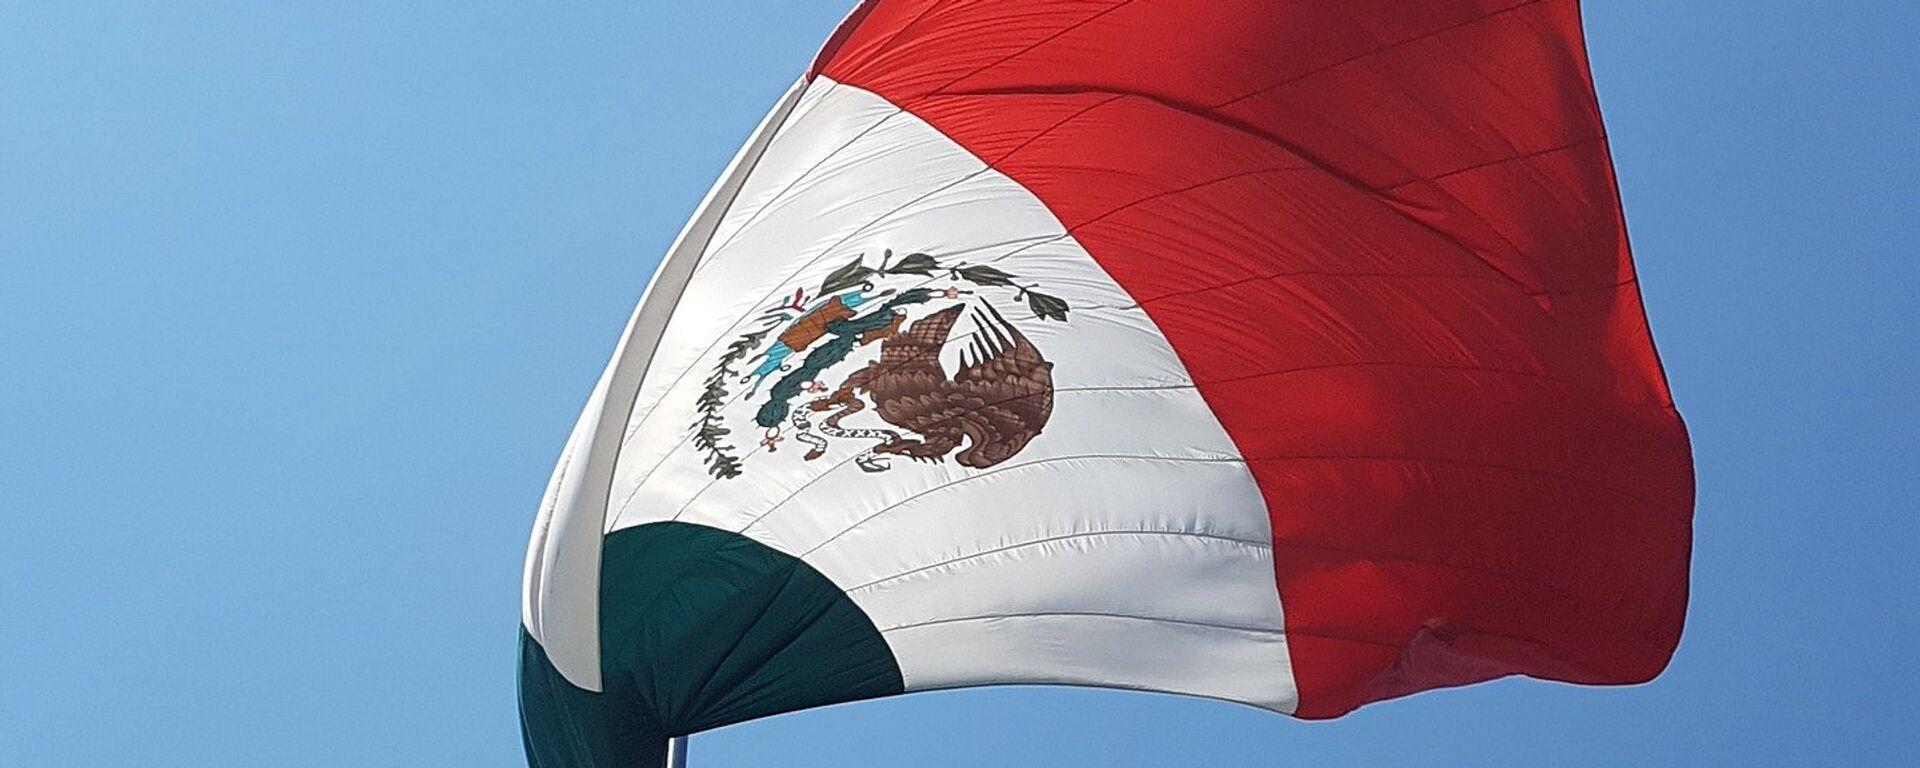 Bandera de México - Sputnik Mundo, 1920, 06.04.2021